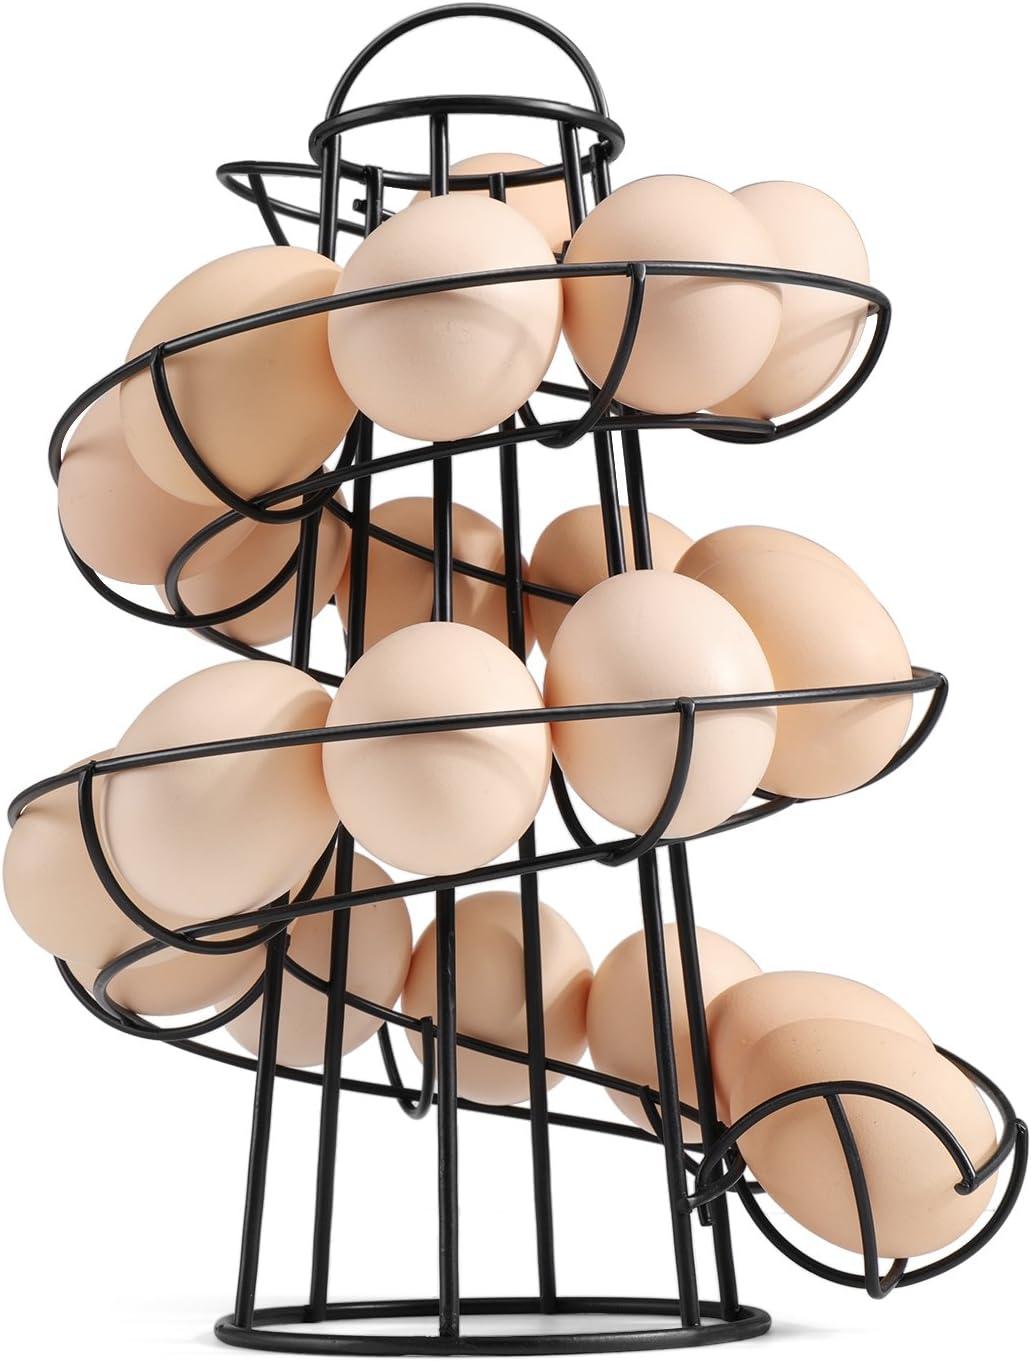 Medium Black Flexzion Egg Skelter Deluxe Modern Spiraling Dispenser Rack - Chrome Plated Freestanding Wire Chicken Egg Storage Organizer Display Holder Basket for Countertop Kitchen